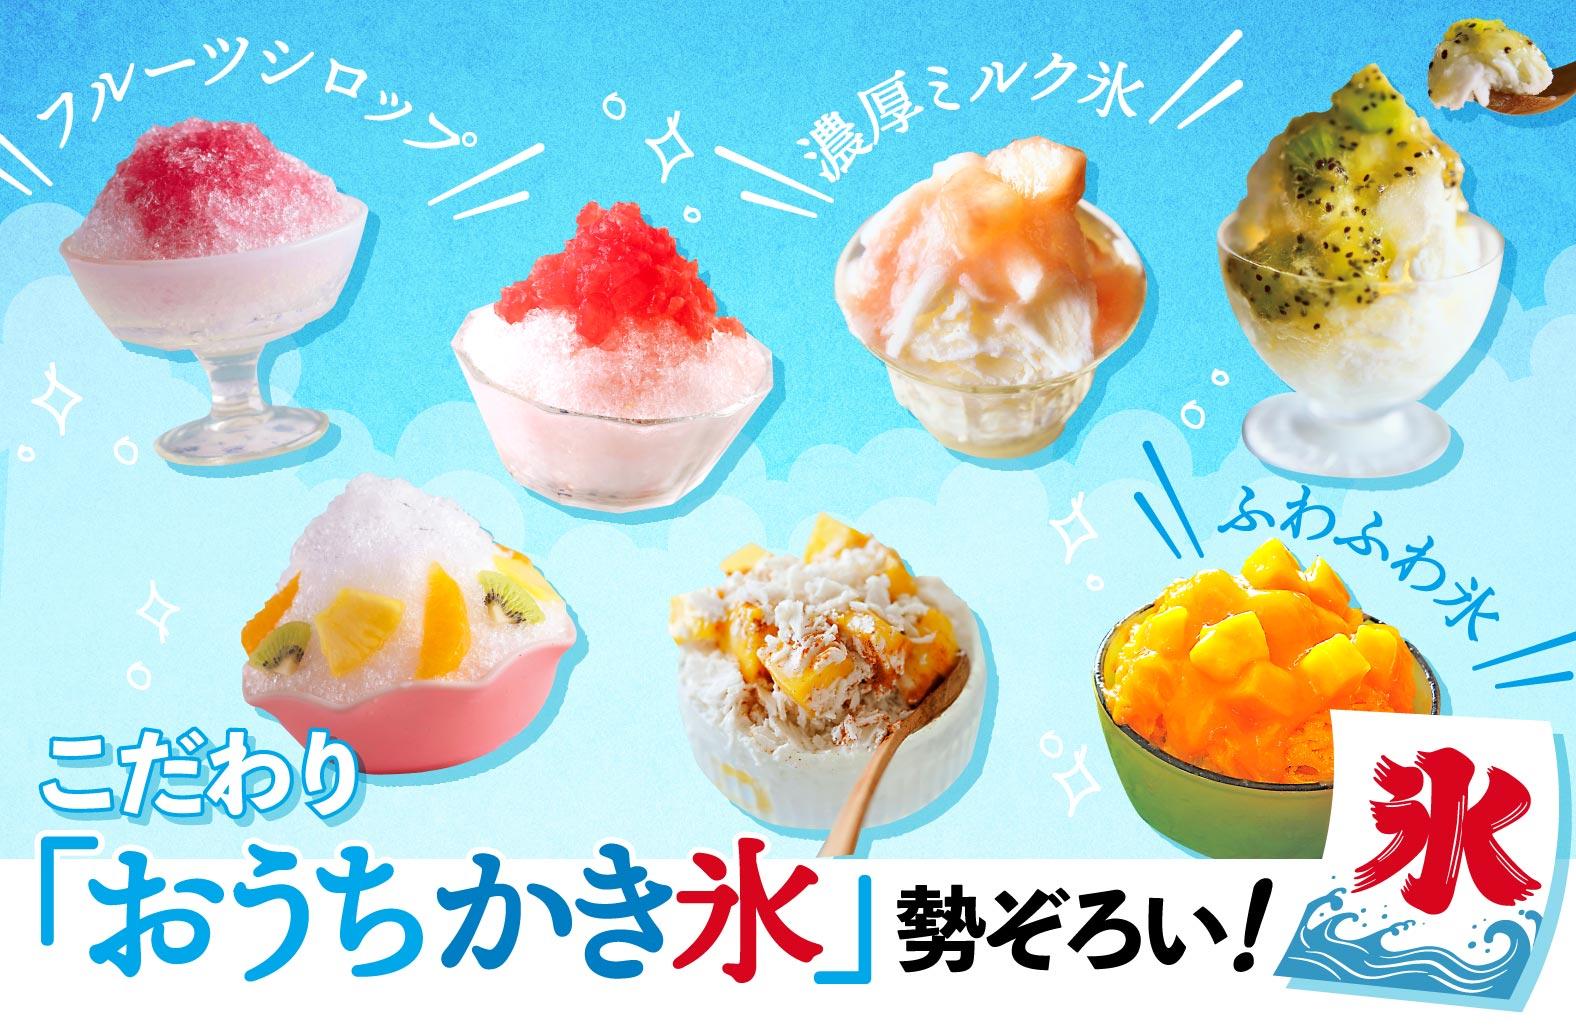 おうちでかき氷レシピ 手作りフルーツシロップ、濃厚ミルク氷、ふわふわ氷など勢ぞろい!